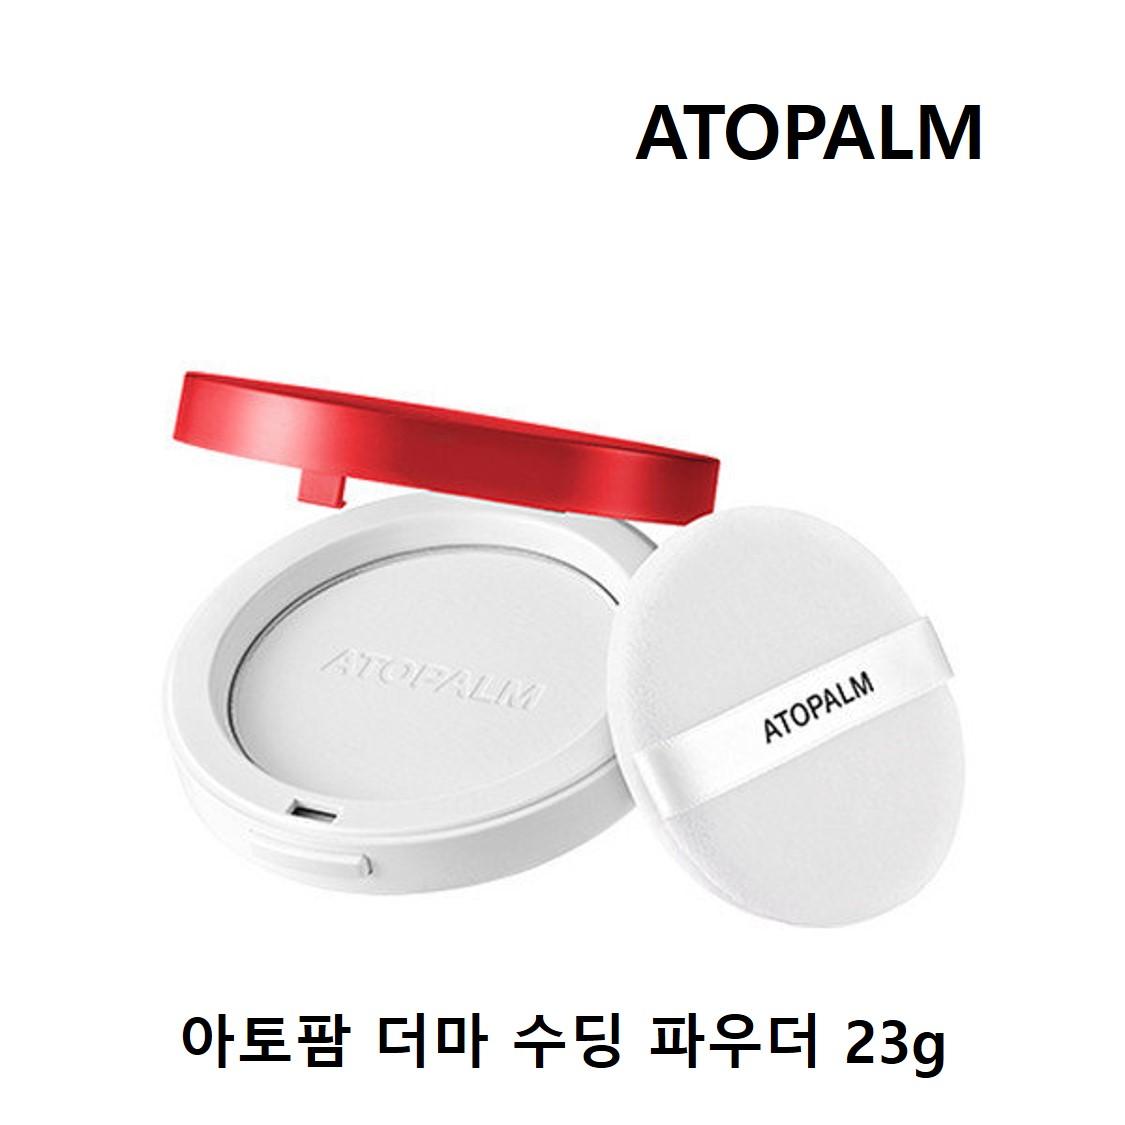 아토팜 더마 수딩 파우더 23g